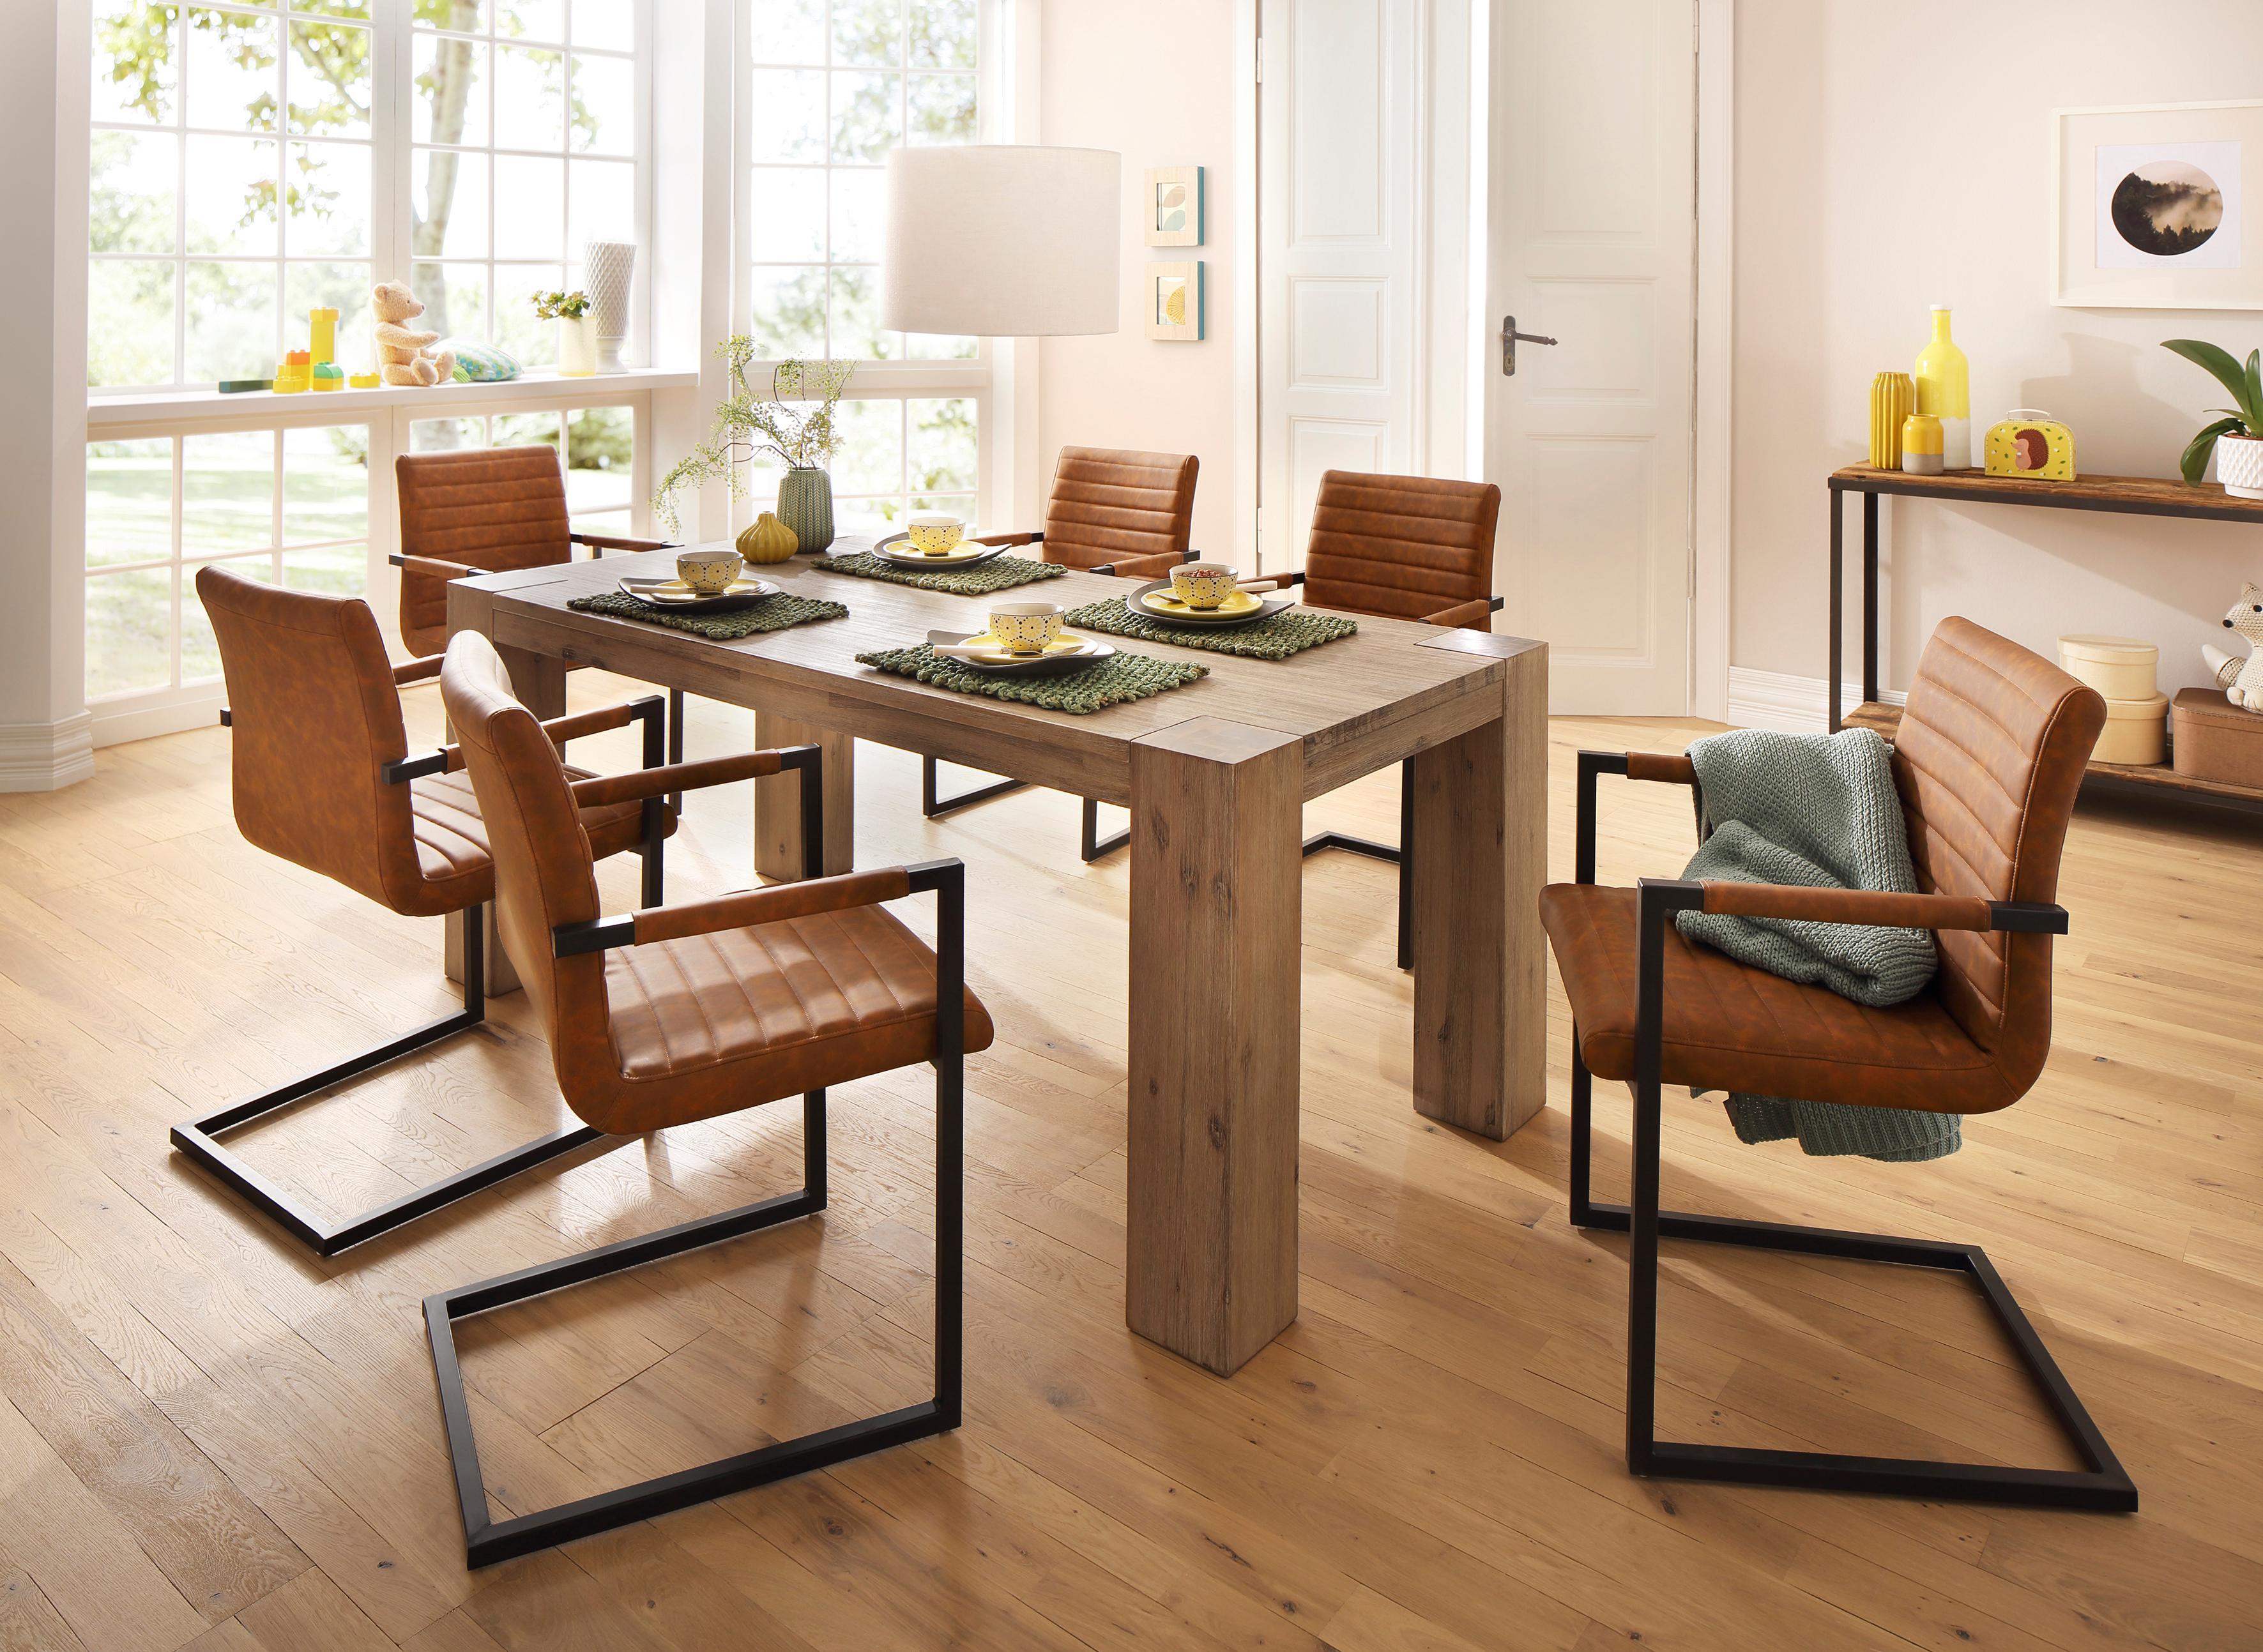 braun-leder Esszimmerstühle online kaufen | Möbel-Suchmaschine ...